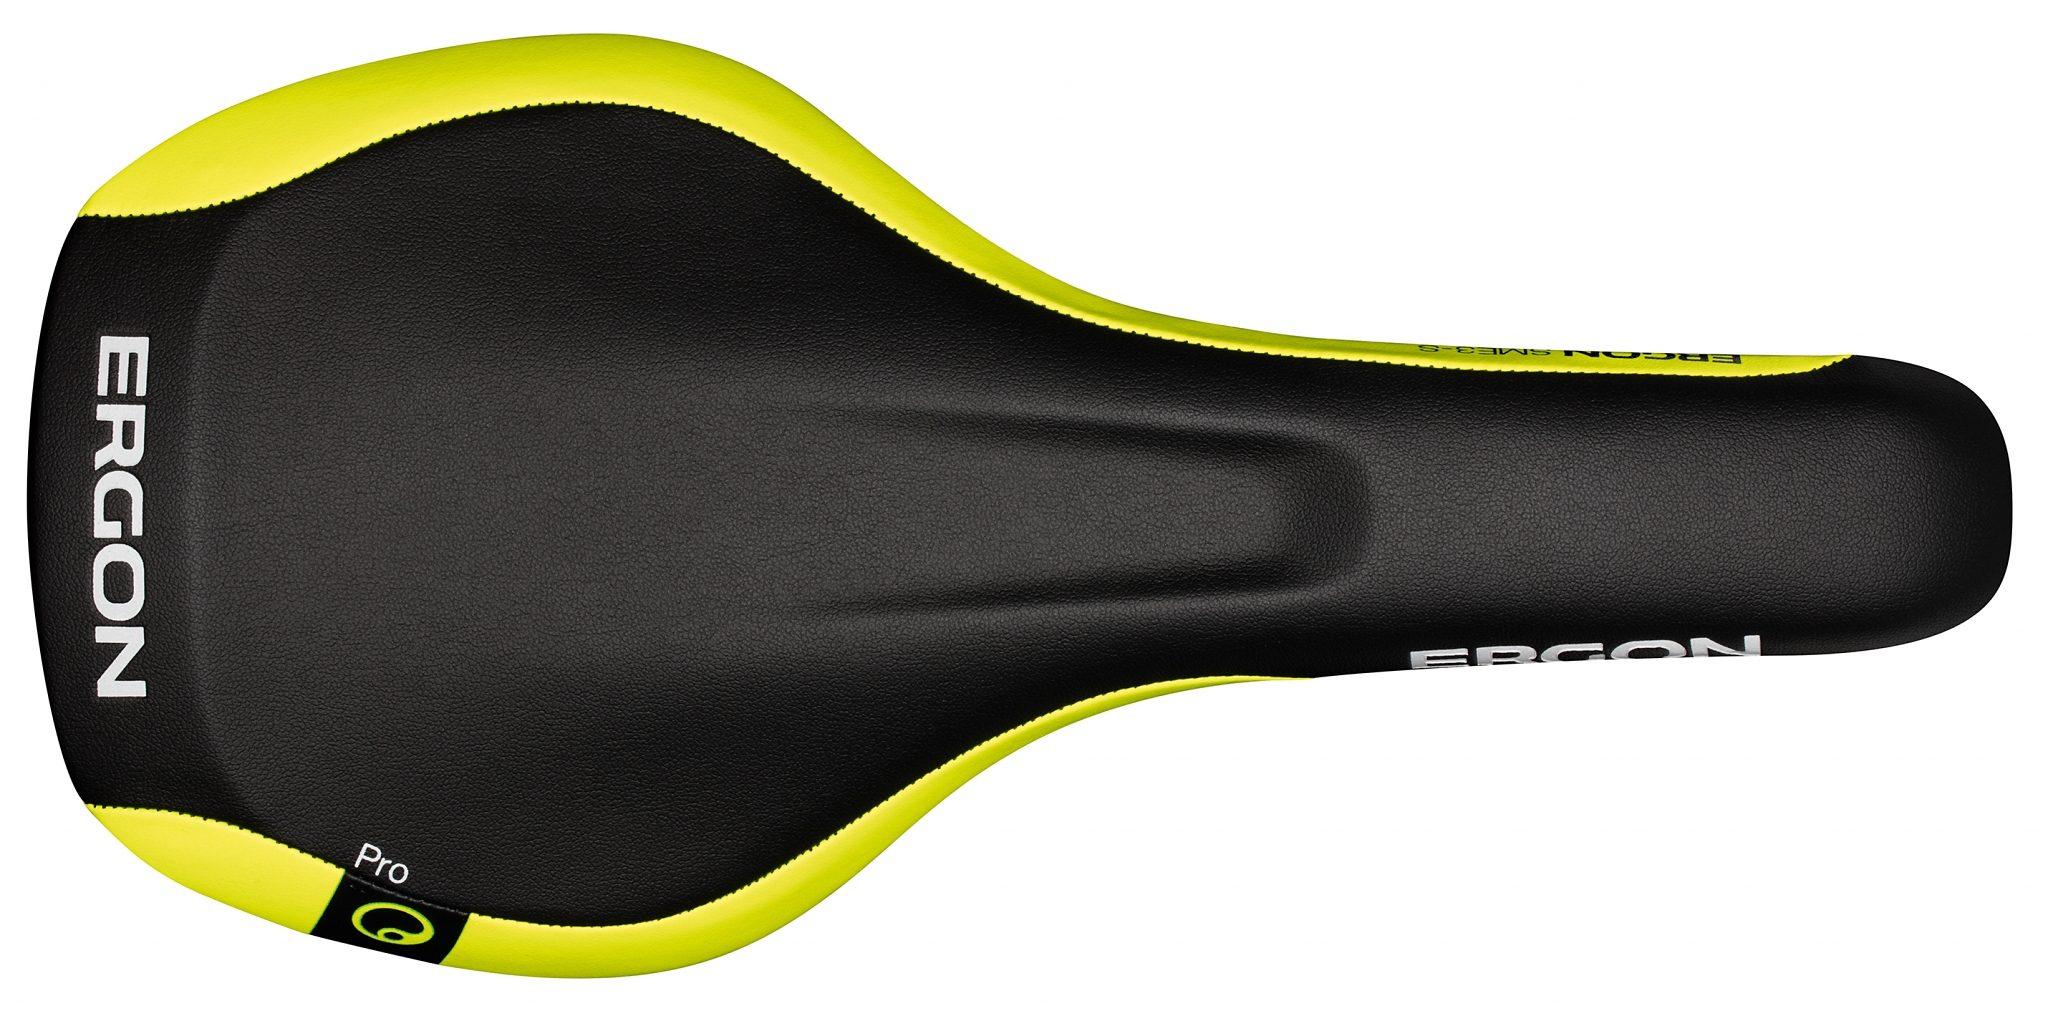 Ergon Fahrradsattel »SME3-S Sattel Pro«